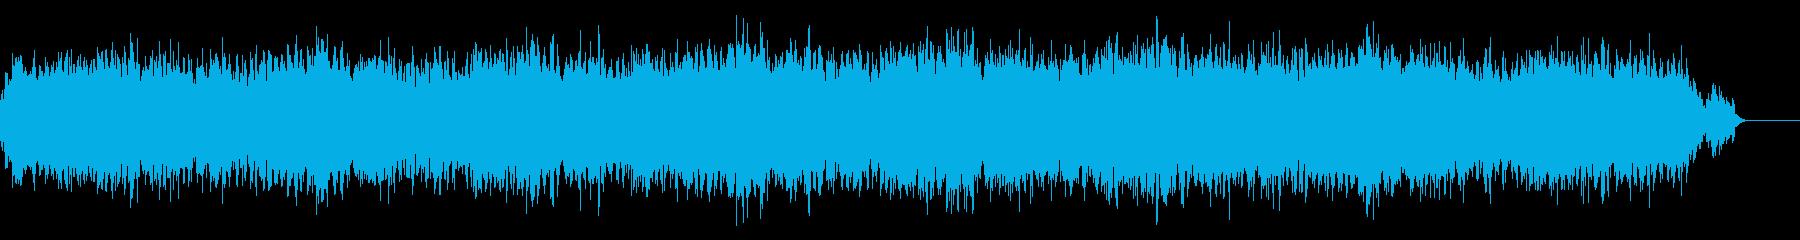 ピアノとパッドのドキュメンタリー風BGMの再生済みの波形